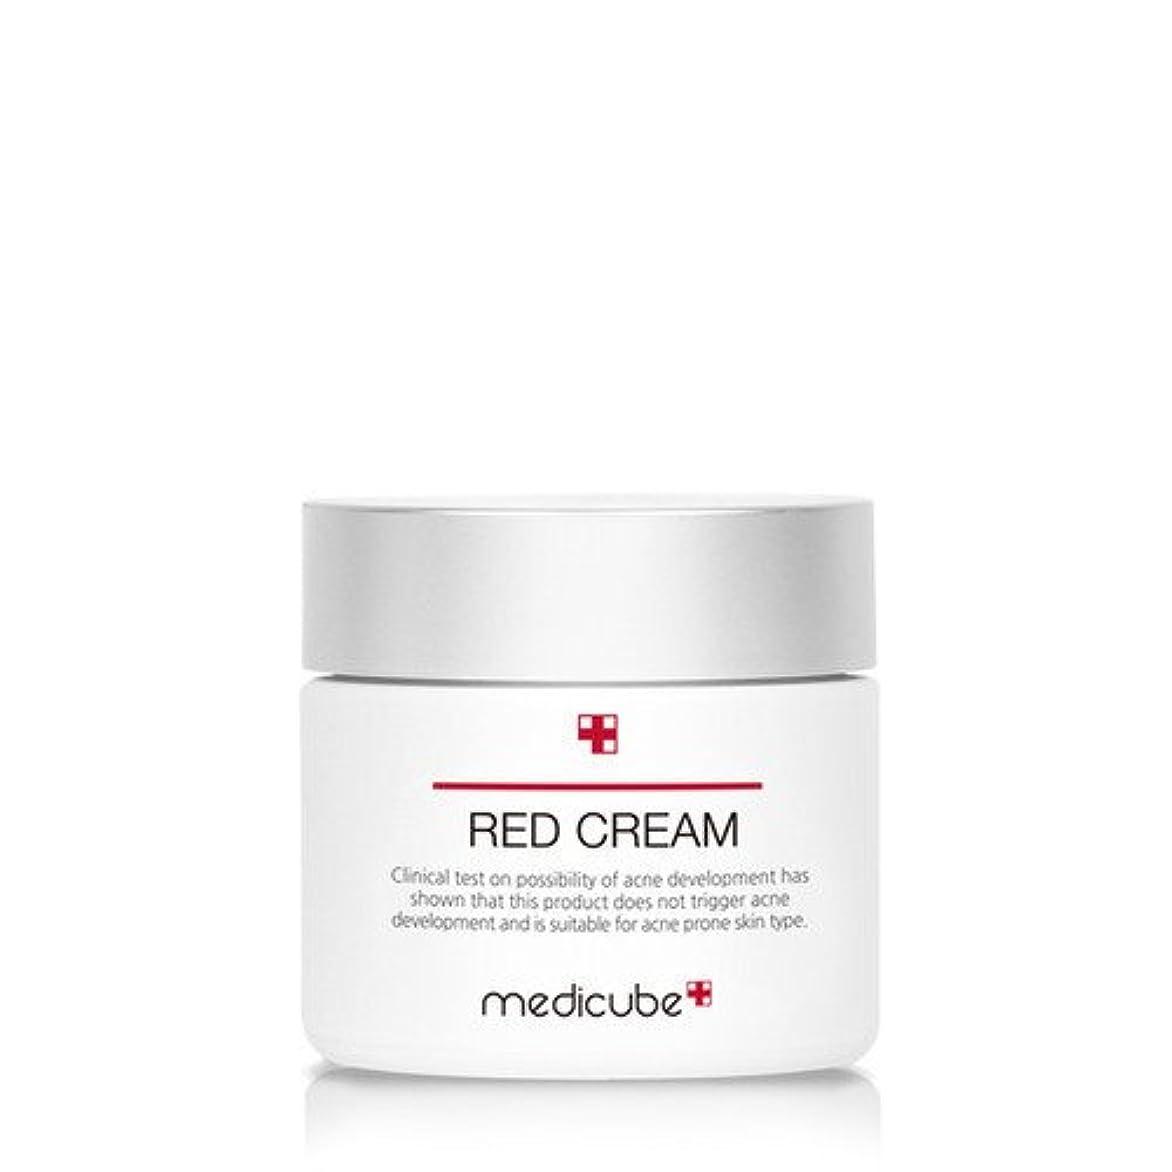 信者糸ペスト[Medicube]メディキューブ レッドクリーム 50ml / Medicube Red Cream 50ml / 正品?海外直送商品 [並行輸入品]